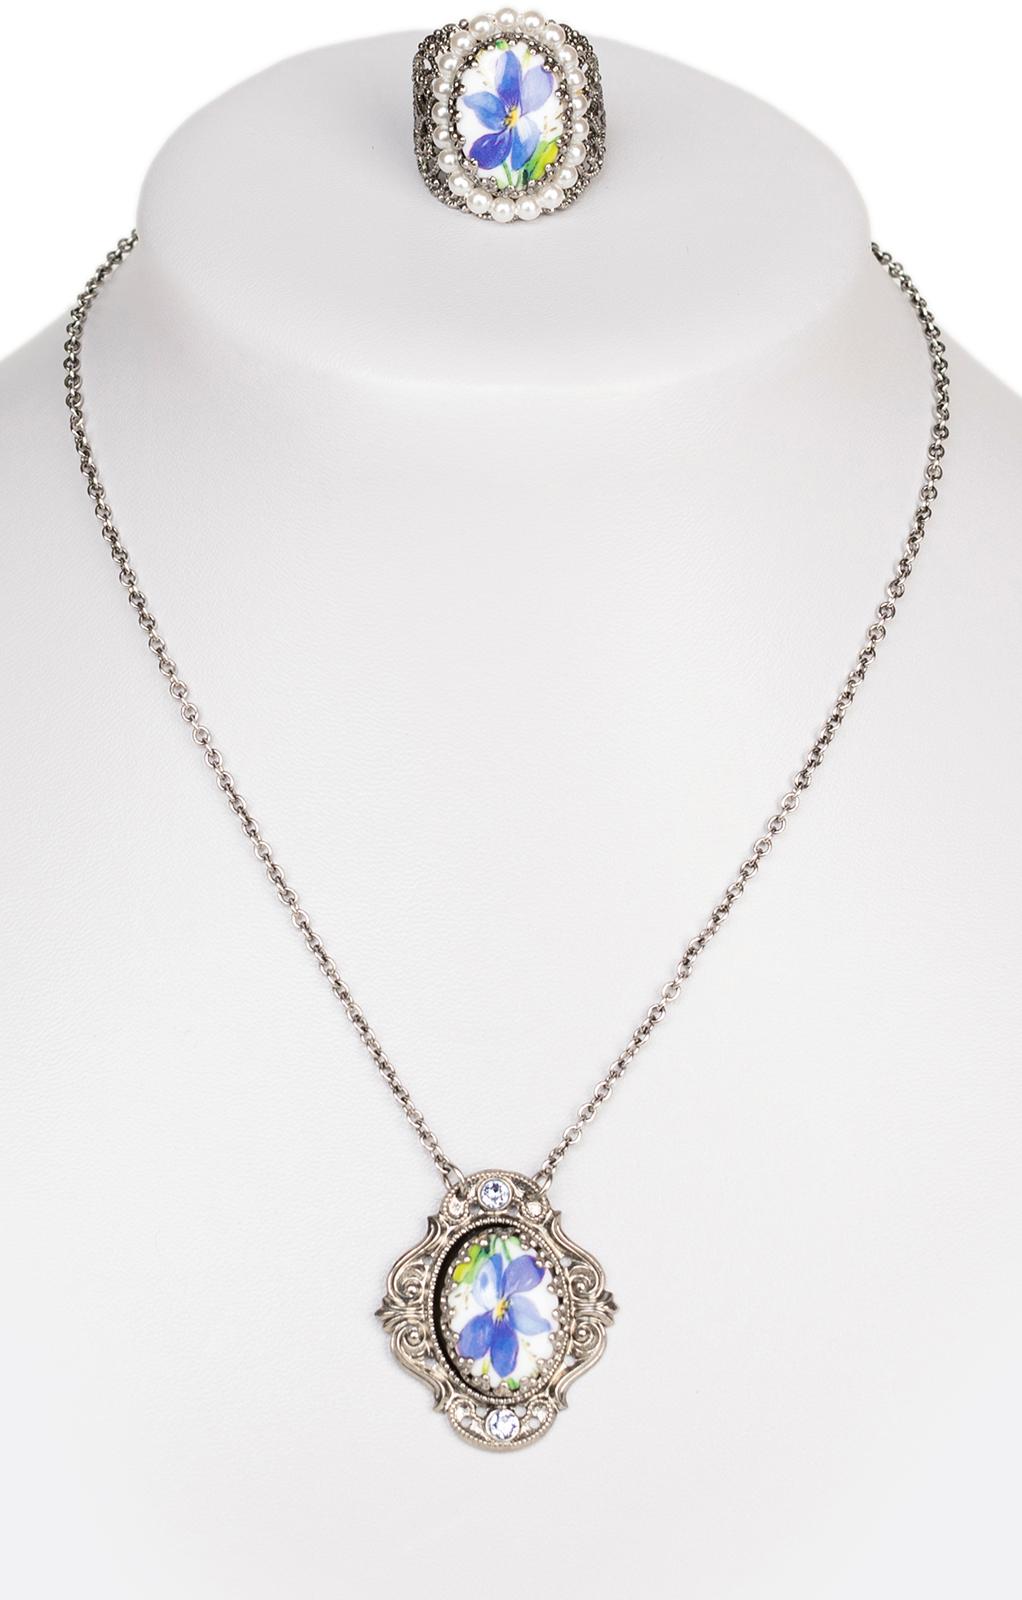 weitere Bilder von Ring R801 Ornament umfasst, blau